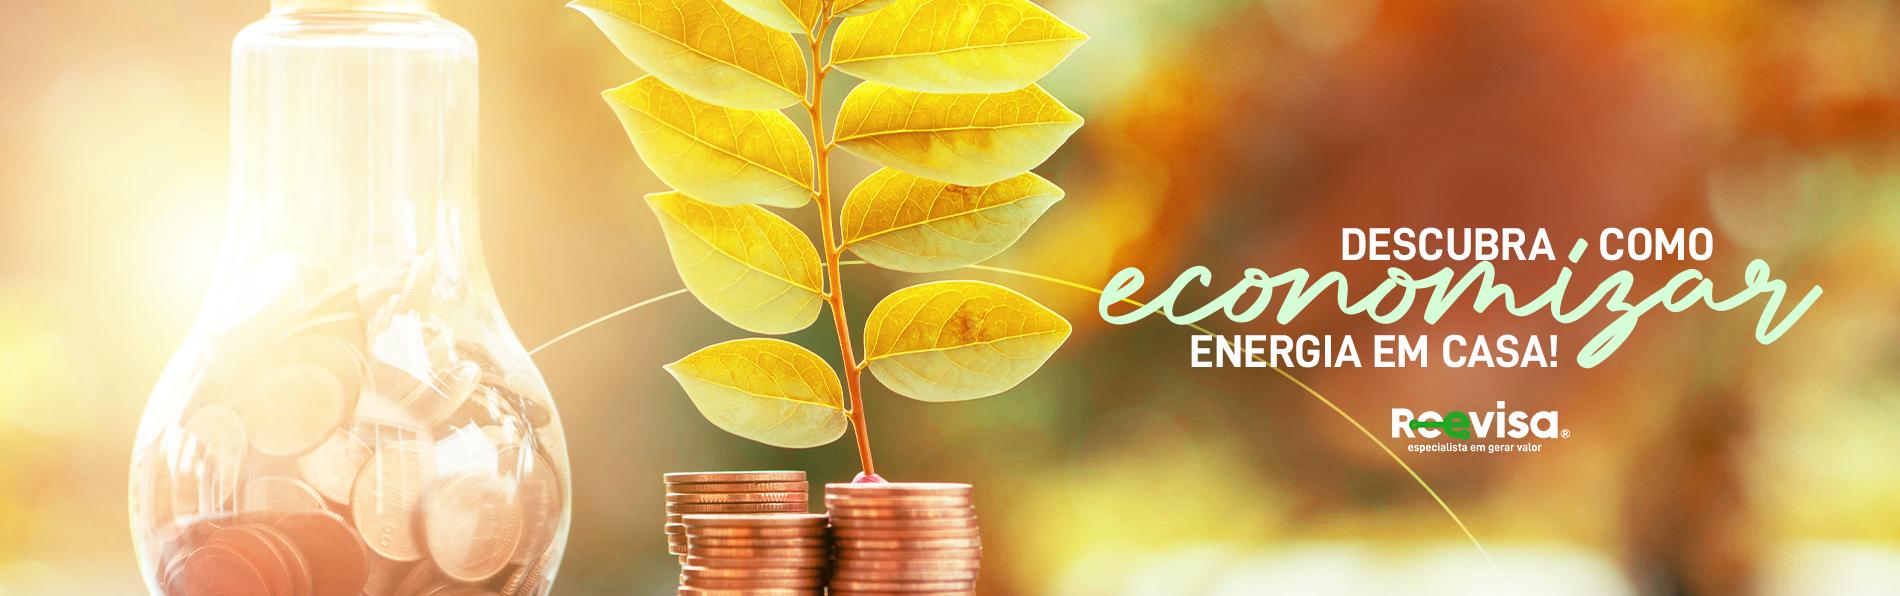 Economia de energia: descubra como economizar em casa